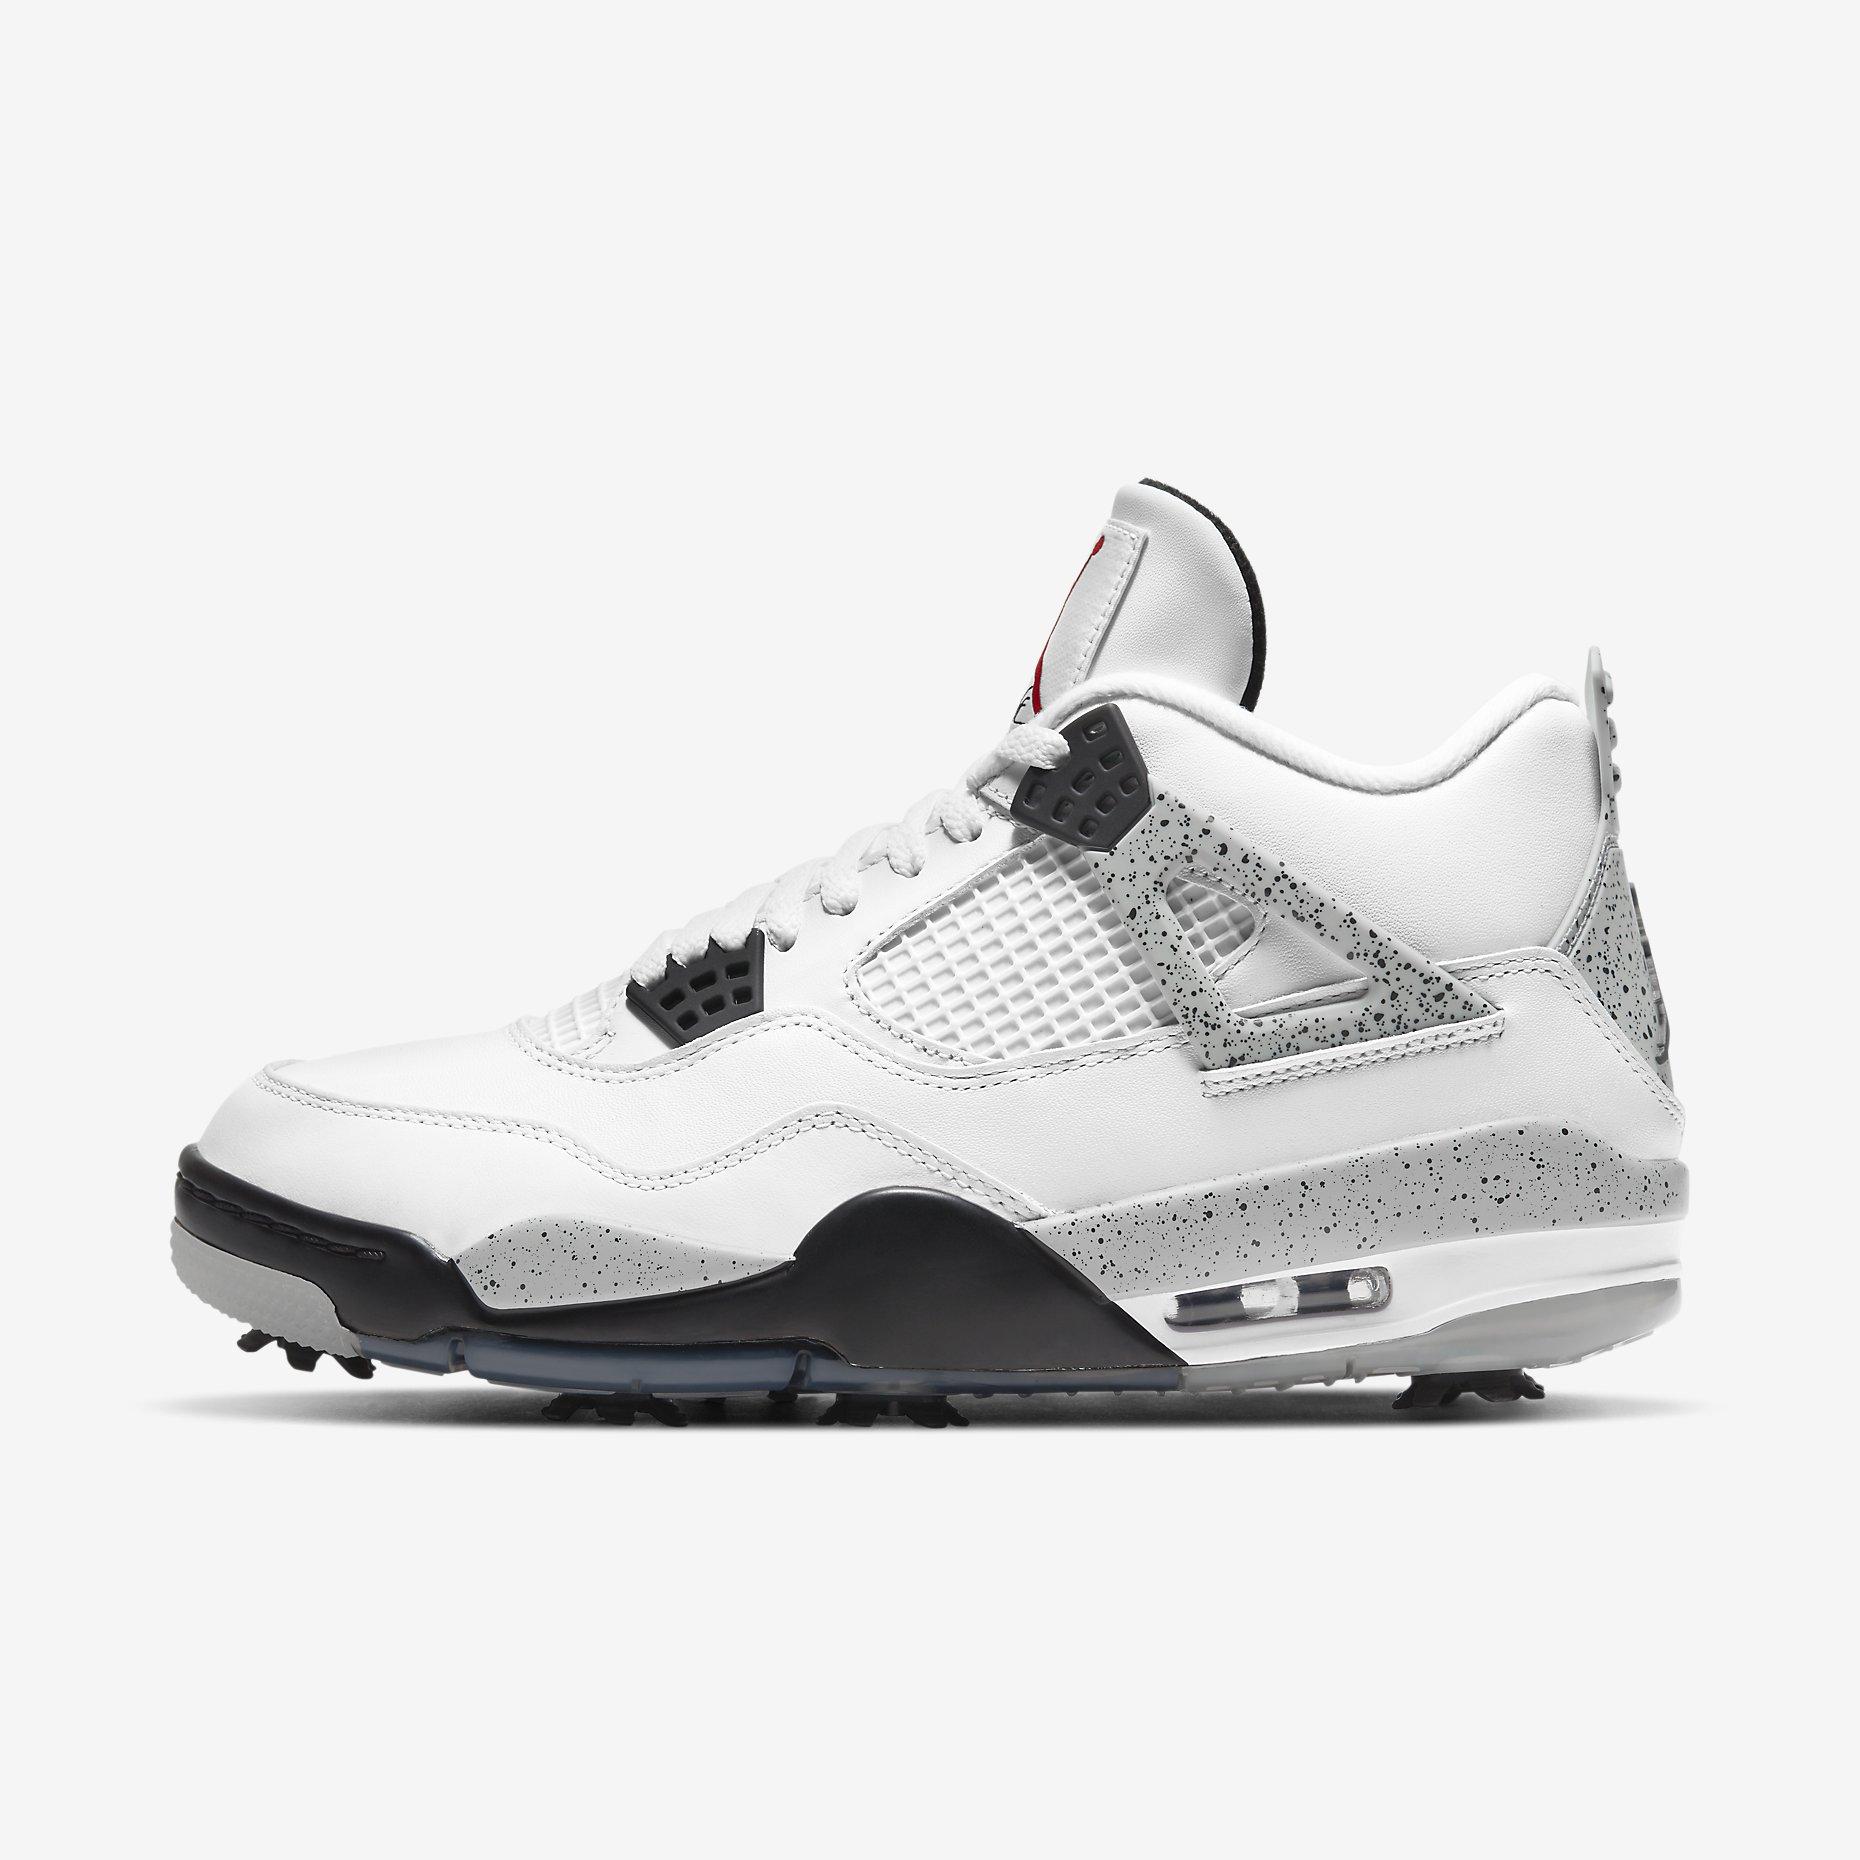 Golf's Air Jordan IV Retro 'White Cement'